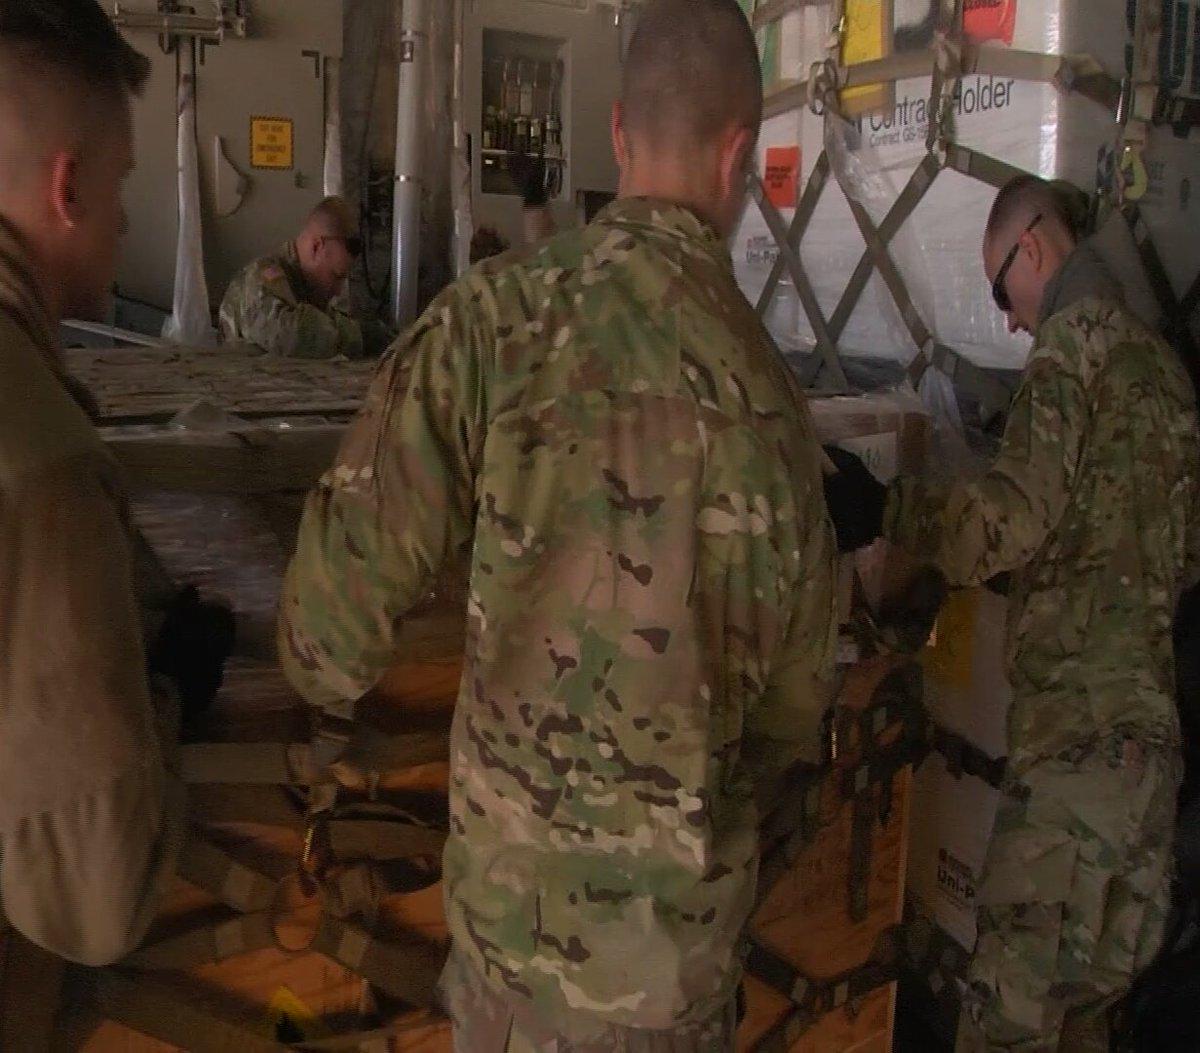 EKTAKTO: Χτύπησαν την Ρωσία τις Άγιες μέρες των Χριστουγέννων – Ξεκίνησε αιφνιδιαστικά πόλεμο στο Ντεμπάλτσεβο το Κίεβο- Αναπτύχθηκε η 45η Αμερικανική Ταξιαρχία Πεζικού στην Ουκρανία (εικόνες, βίντεο) - Εικόνα7